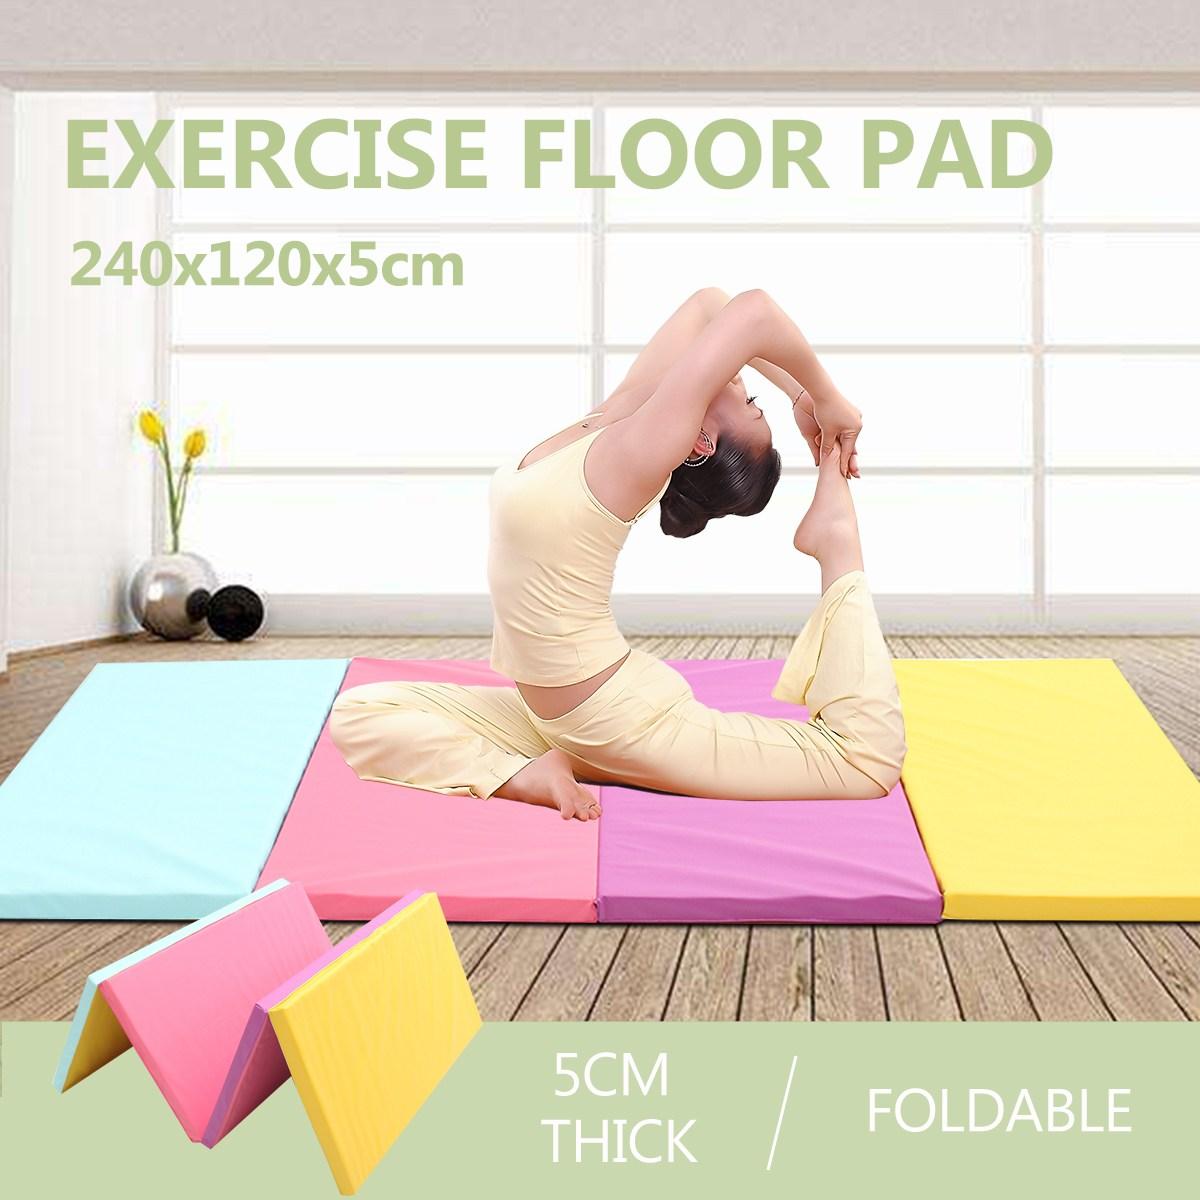 8FT 4 Pieghevole Yoga Zerbino DELL'UNITÀ di elaborazione di Cuoio Ginnastica Zerbino s Pavimento Danza Esercizio di Sport di Fitness di Pastiglie di Formazione di Casa Palestra All'aperto coperta